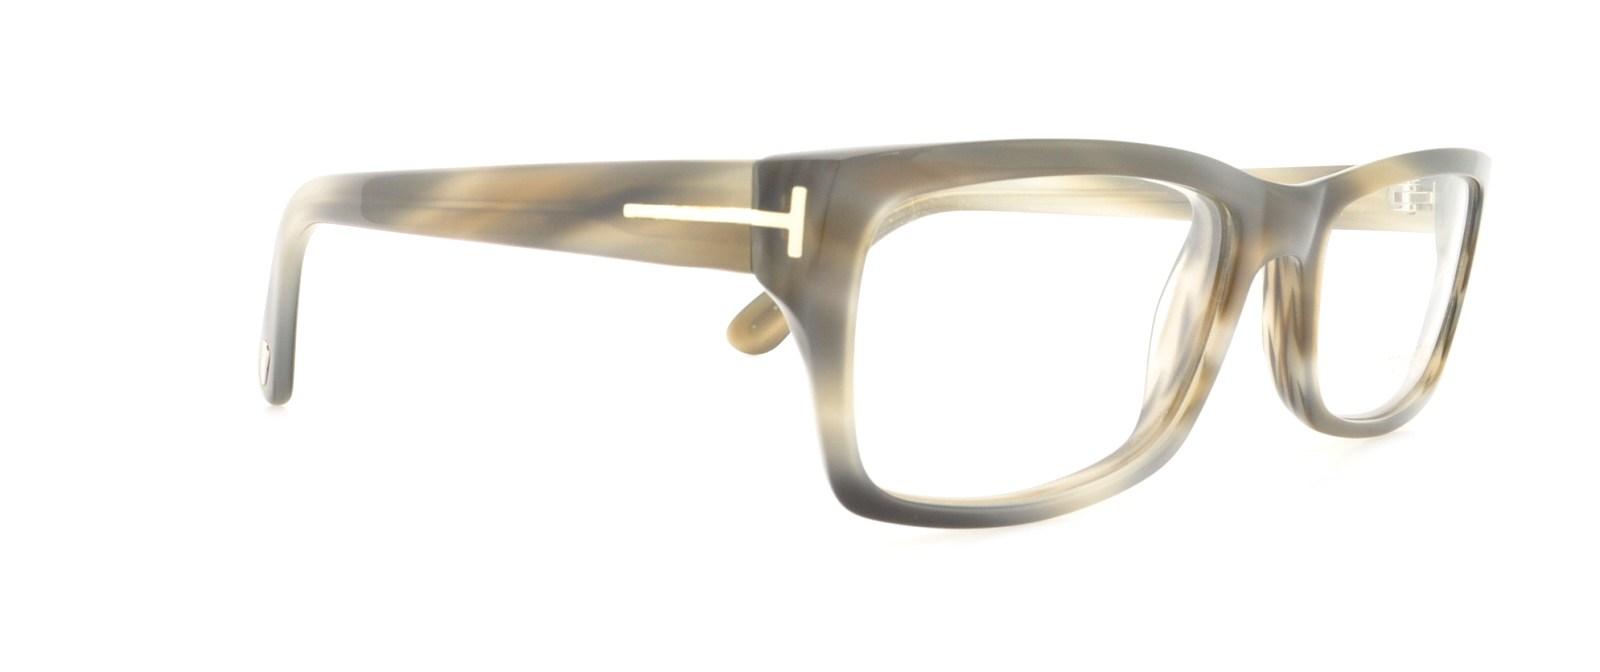 1c69c0033544 Designer Frames Outlet. Tom Ford FT5239